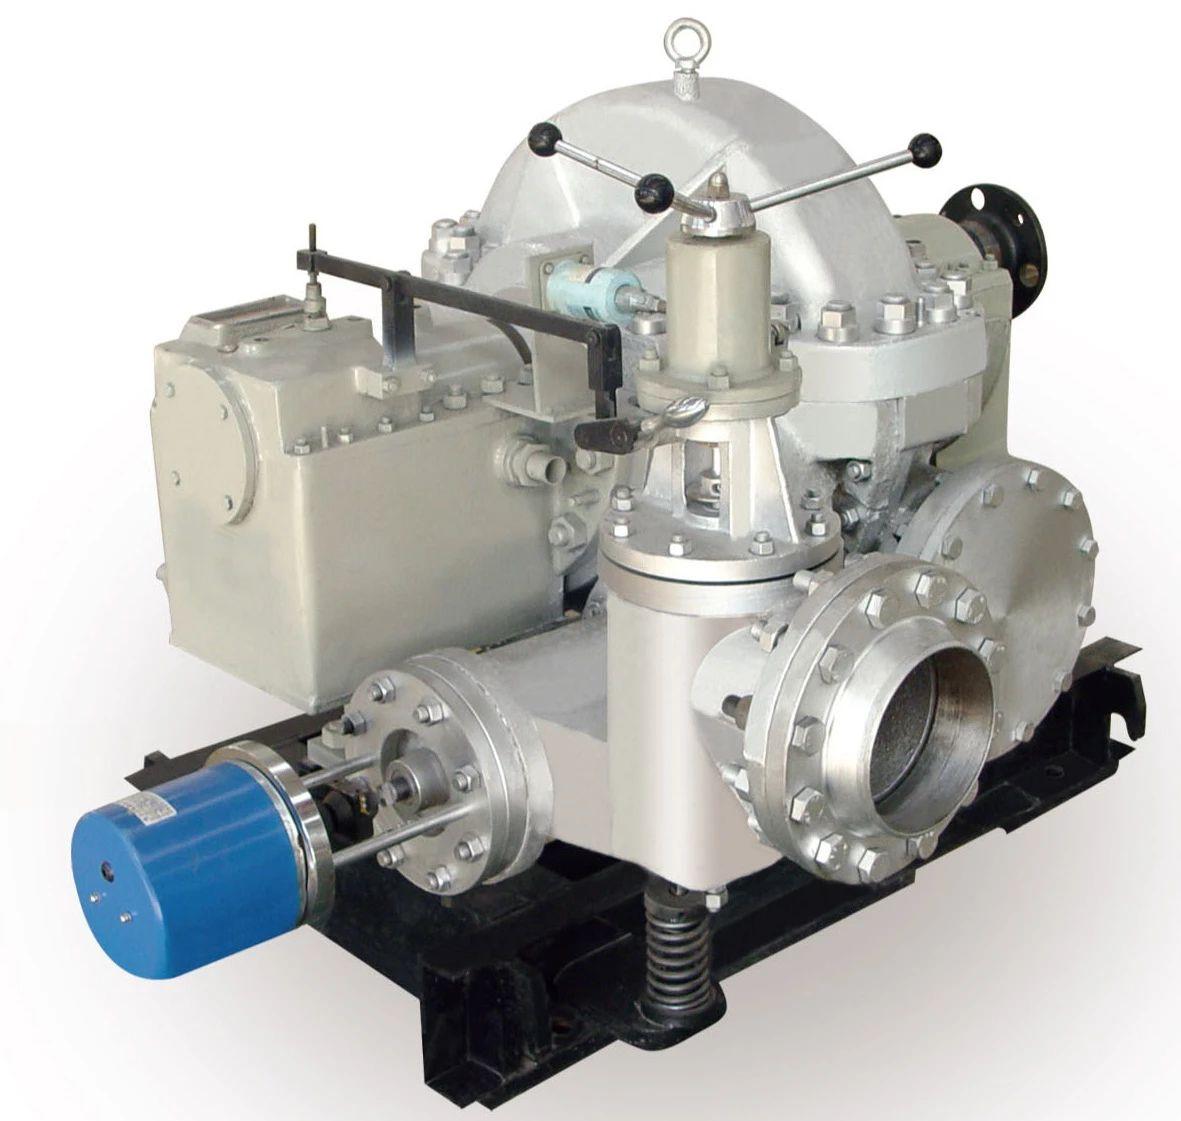 拖動變脫泵背壓式汽輪機改造